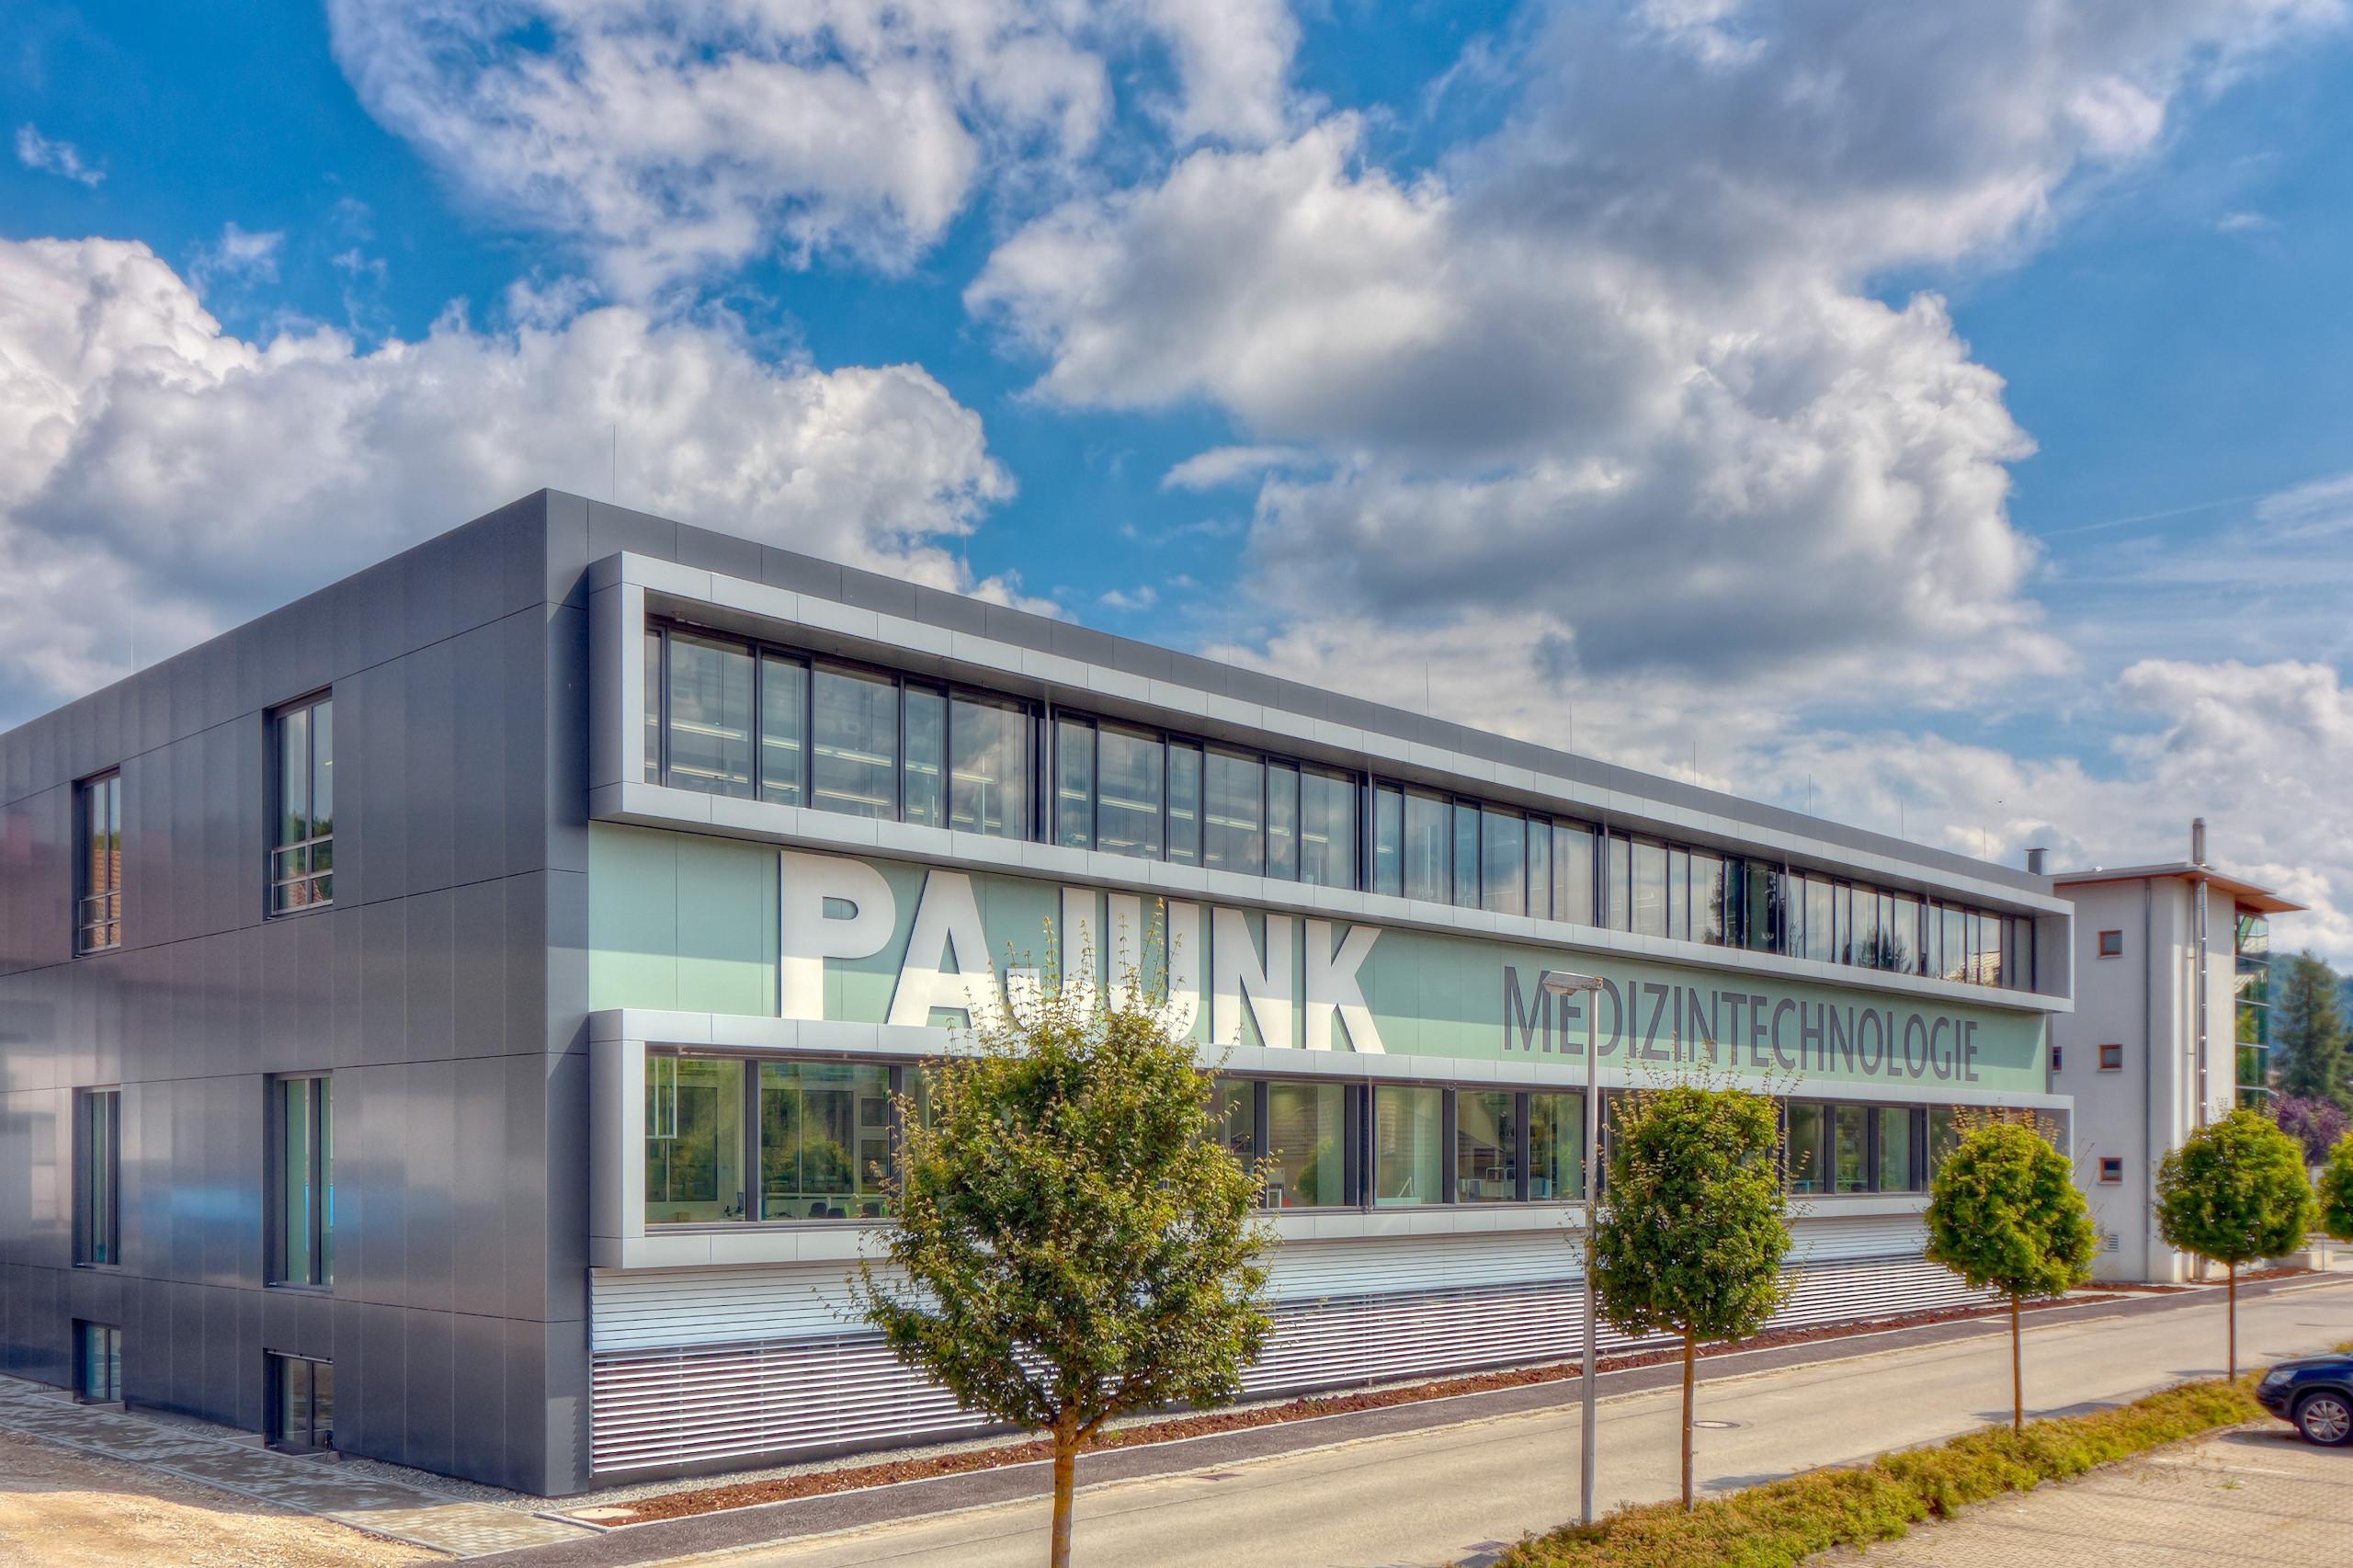 Produktionsgebäude Pajunk Geisingen